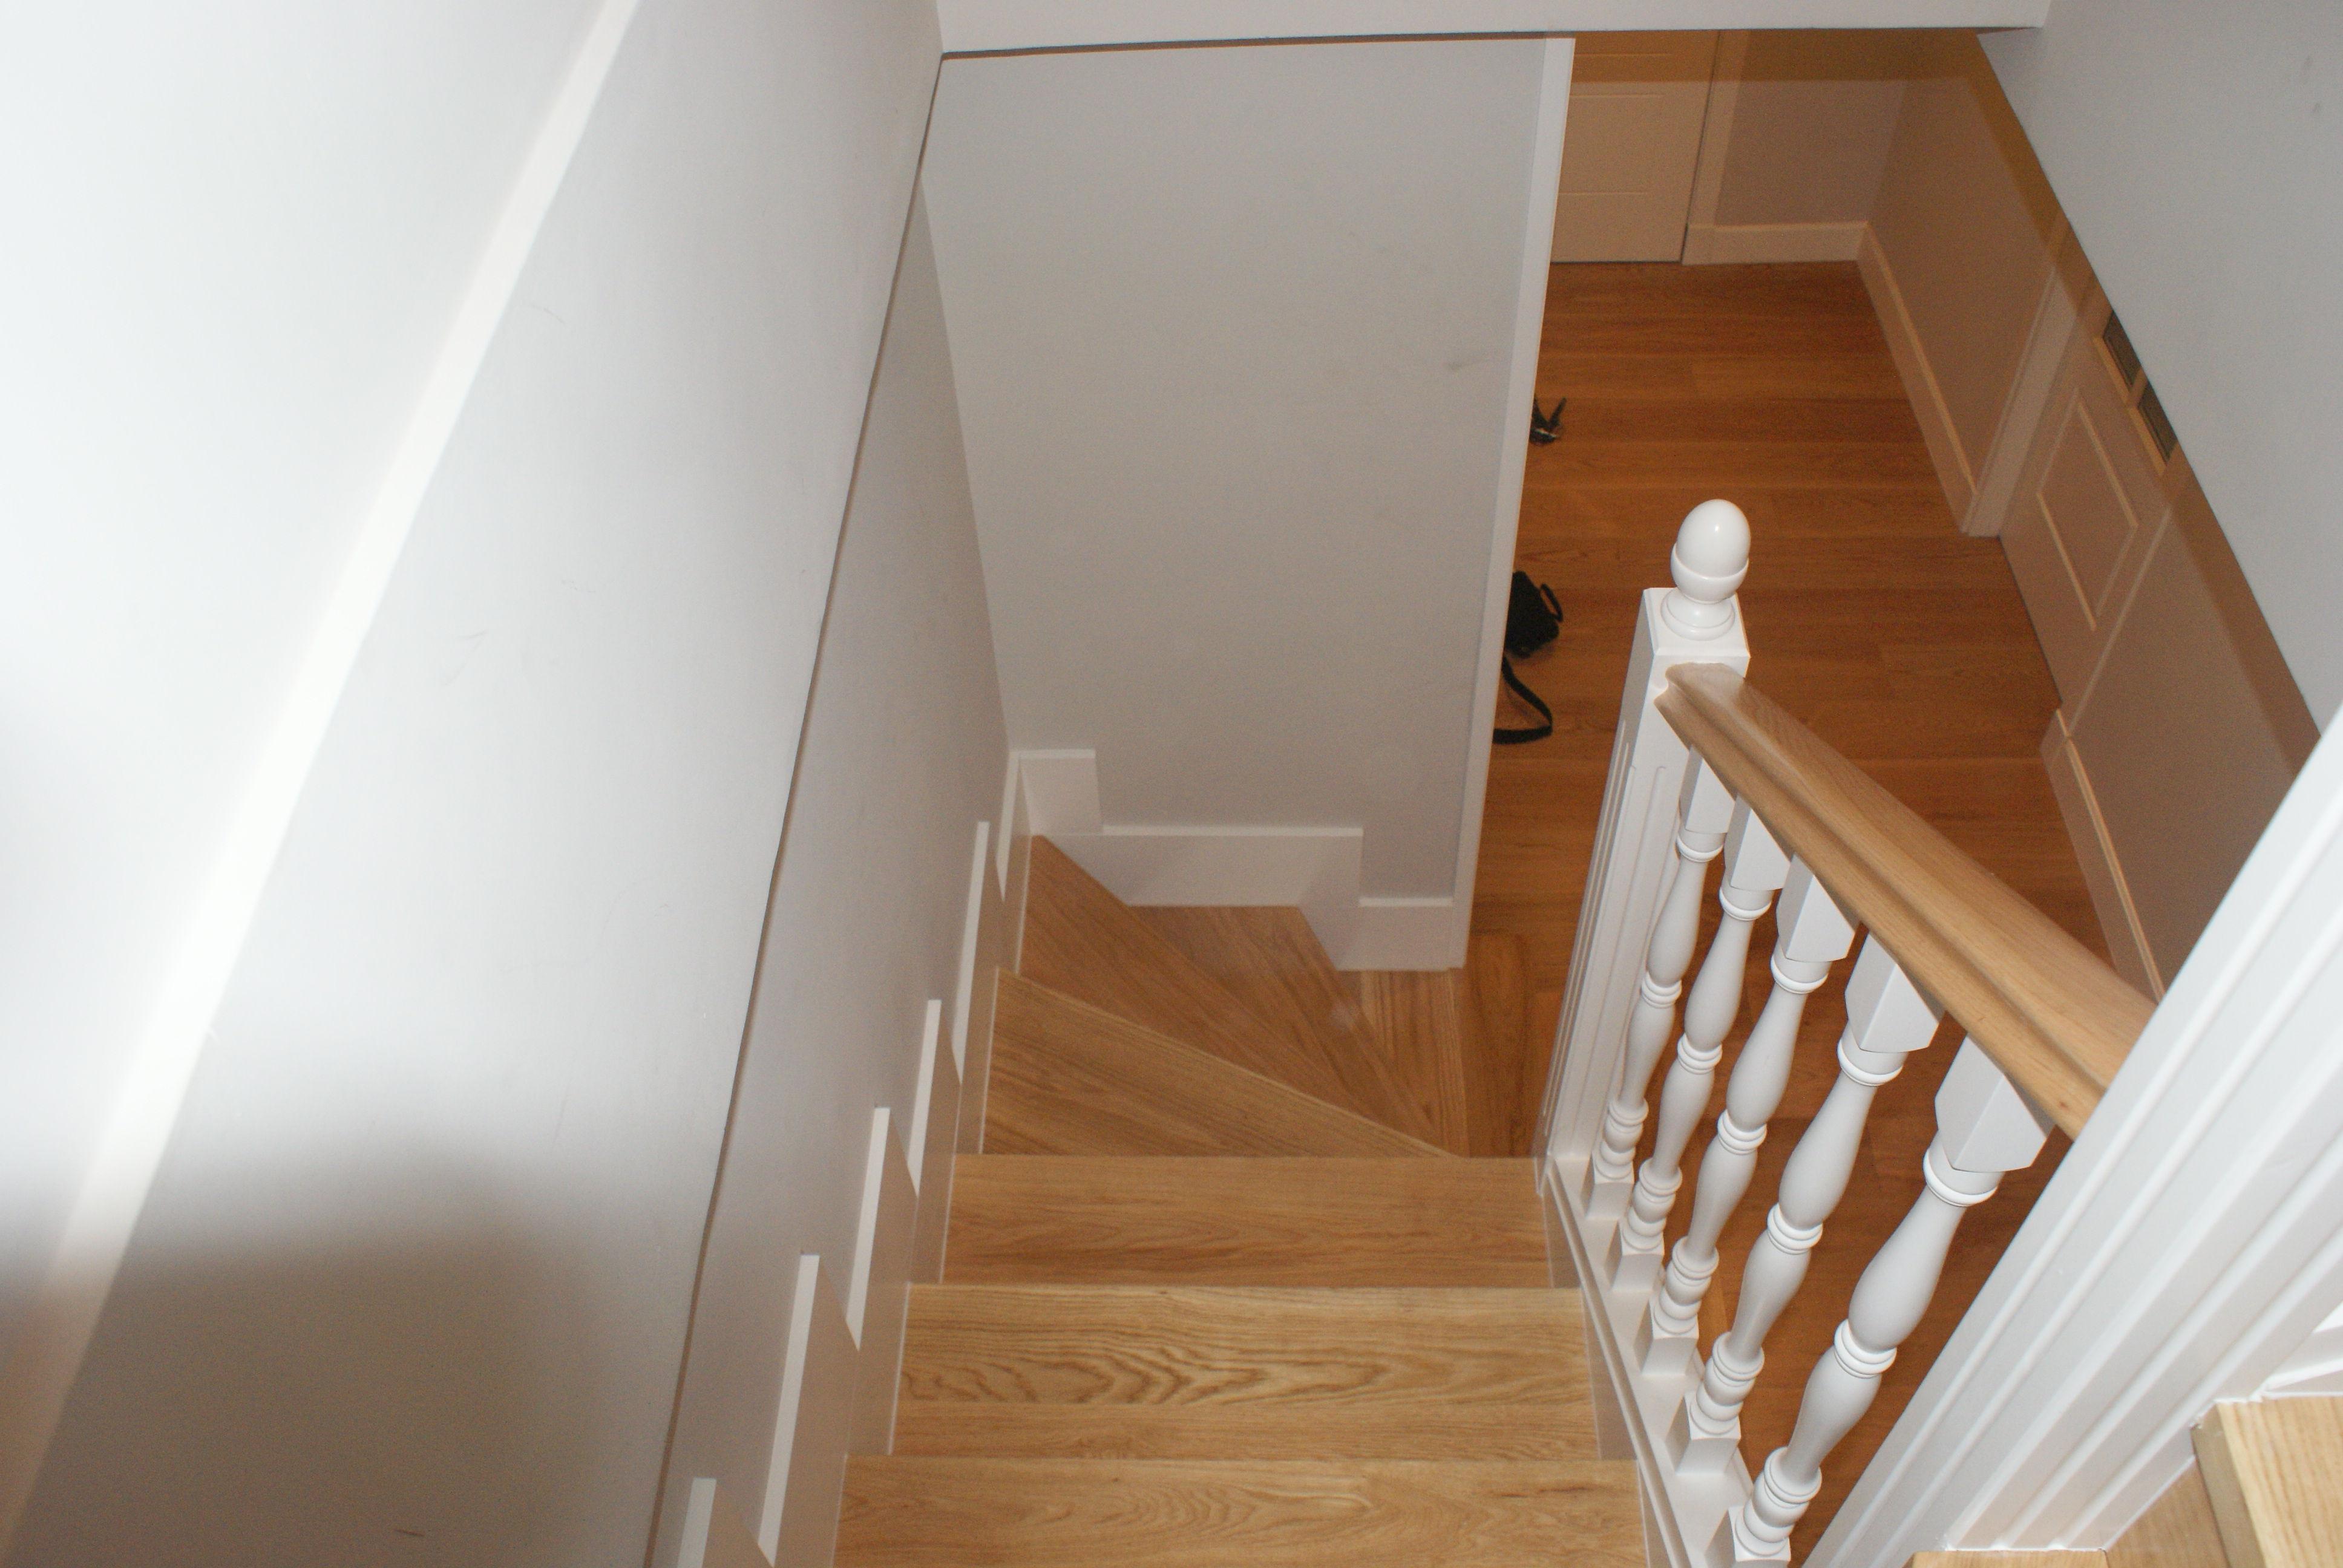 Escaleras de madera a medida lacadas cat logo de - Escaleras a medida ...